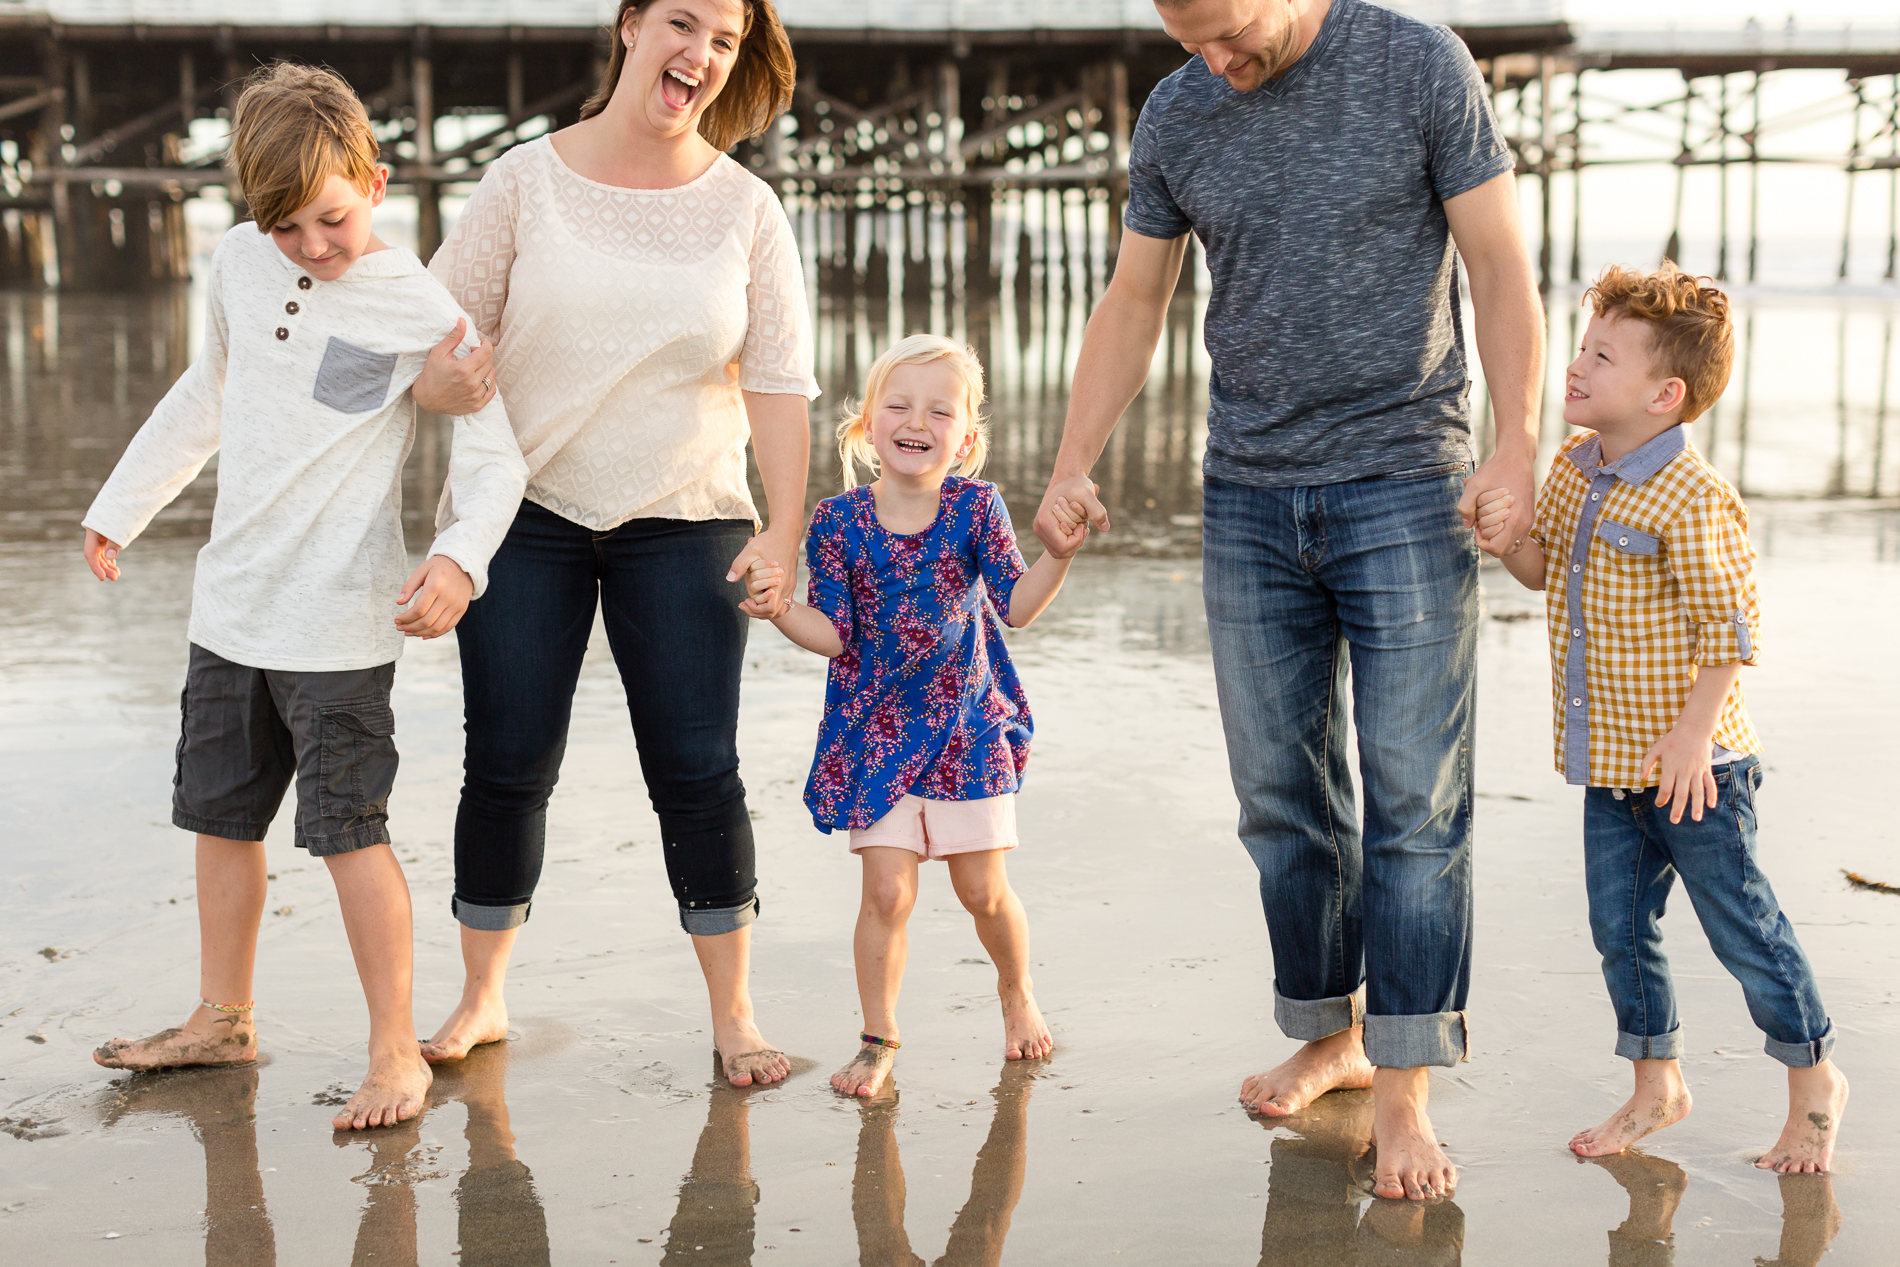 San Diego Family Photographer Beach Crystal Pier Christine Dammann Photography WS HF-8.jpg